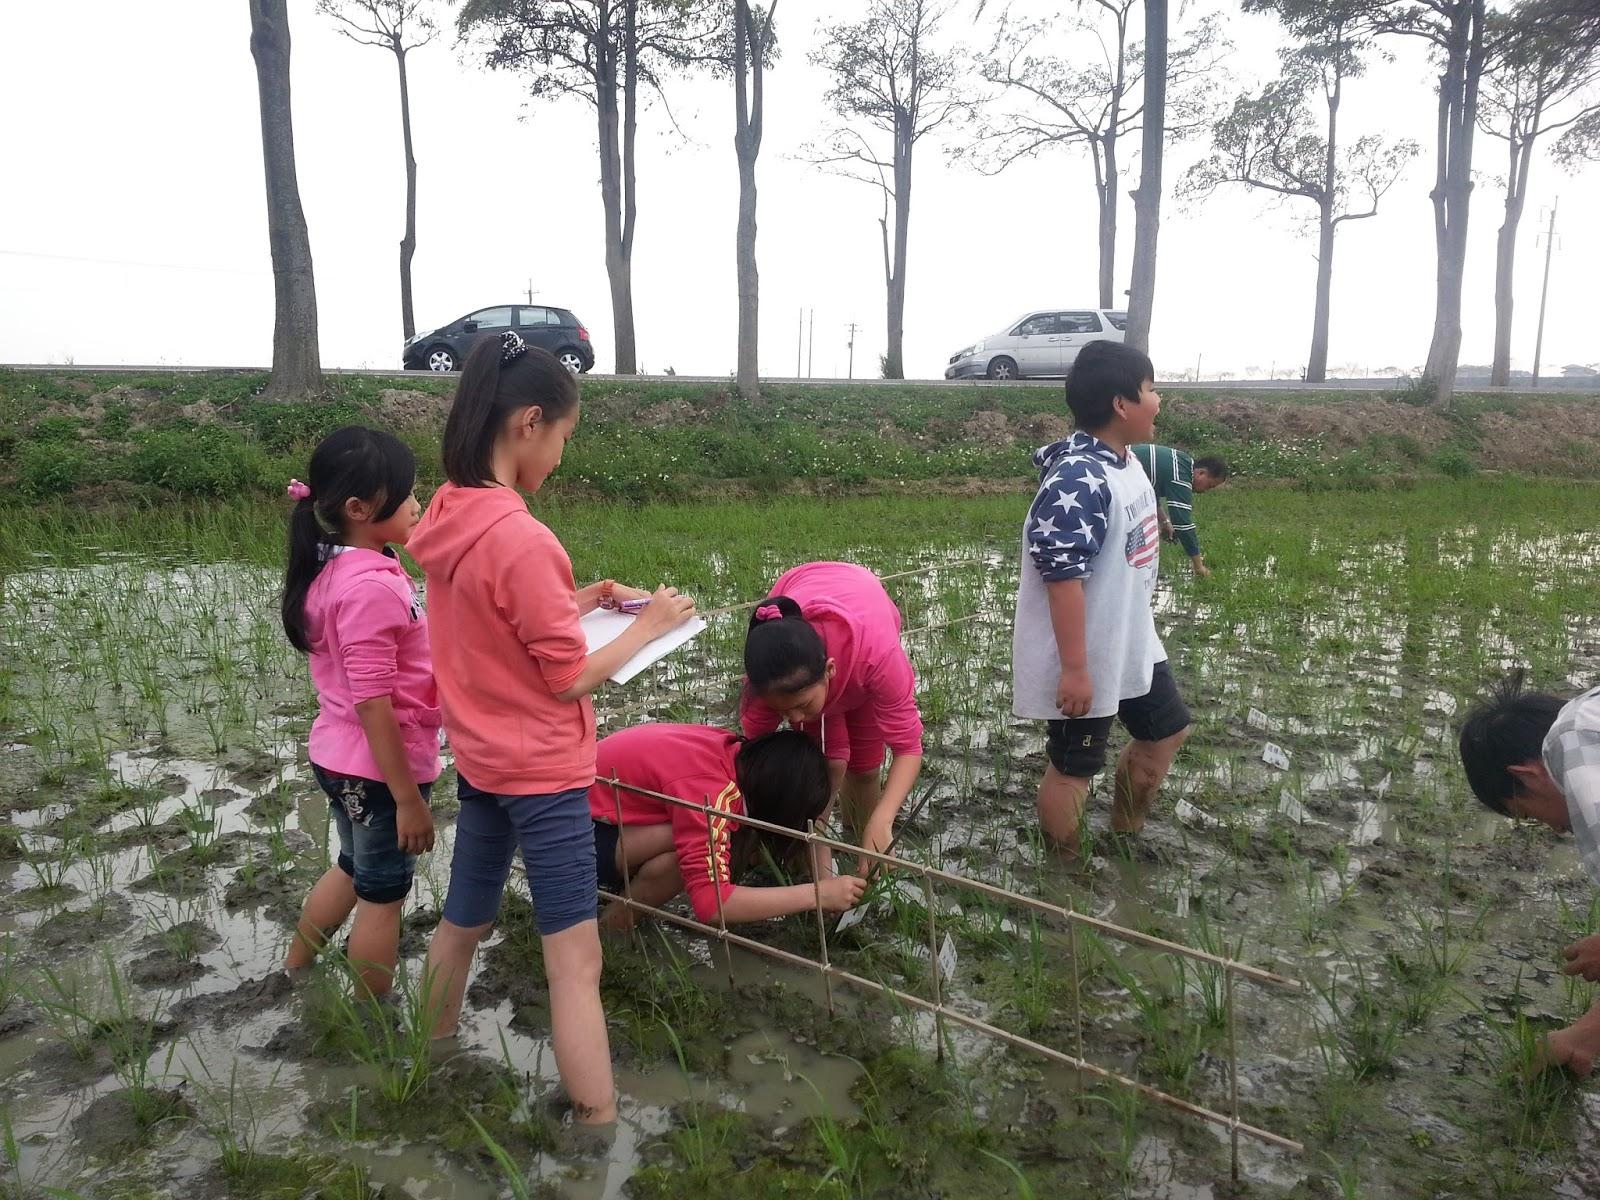 【新營週三見】0504(三) KKF自然農法與臺灣稻米的問題(李榮宗) | 荒野保護協會